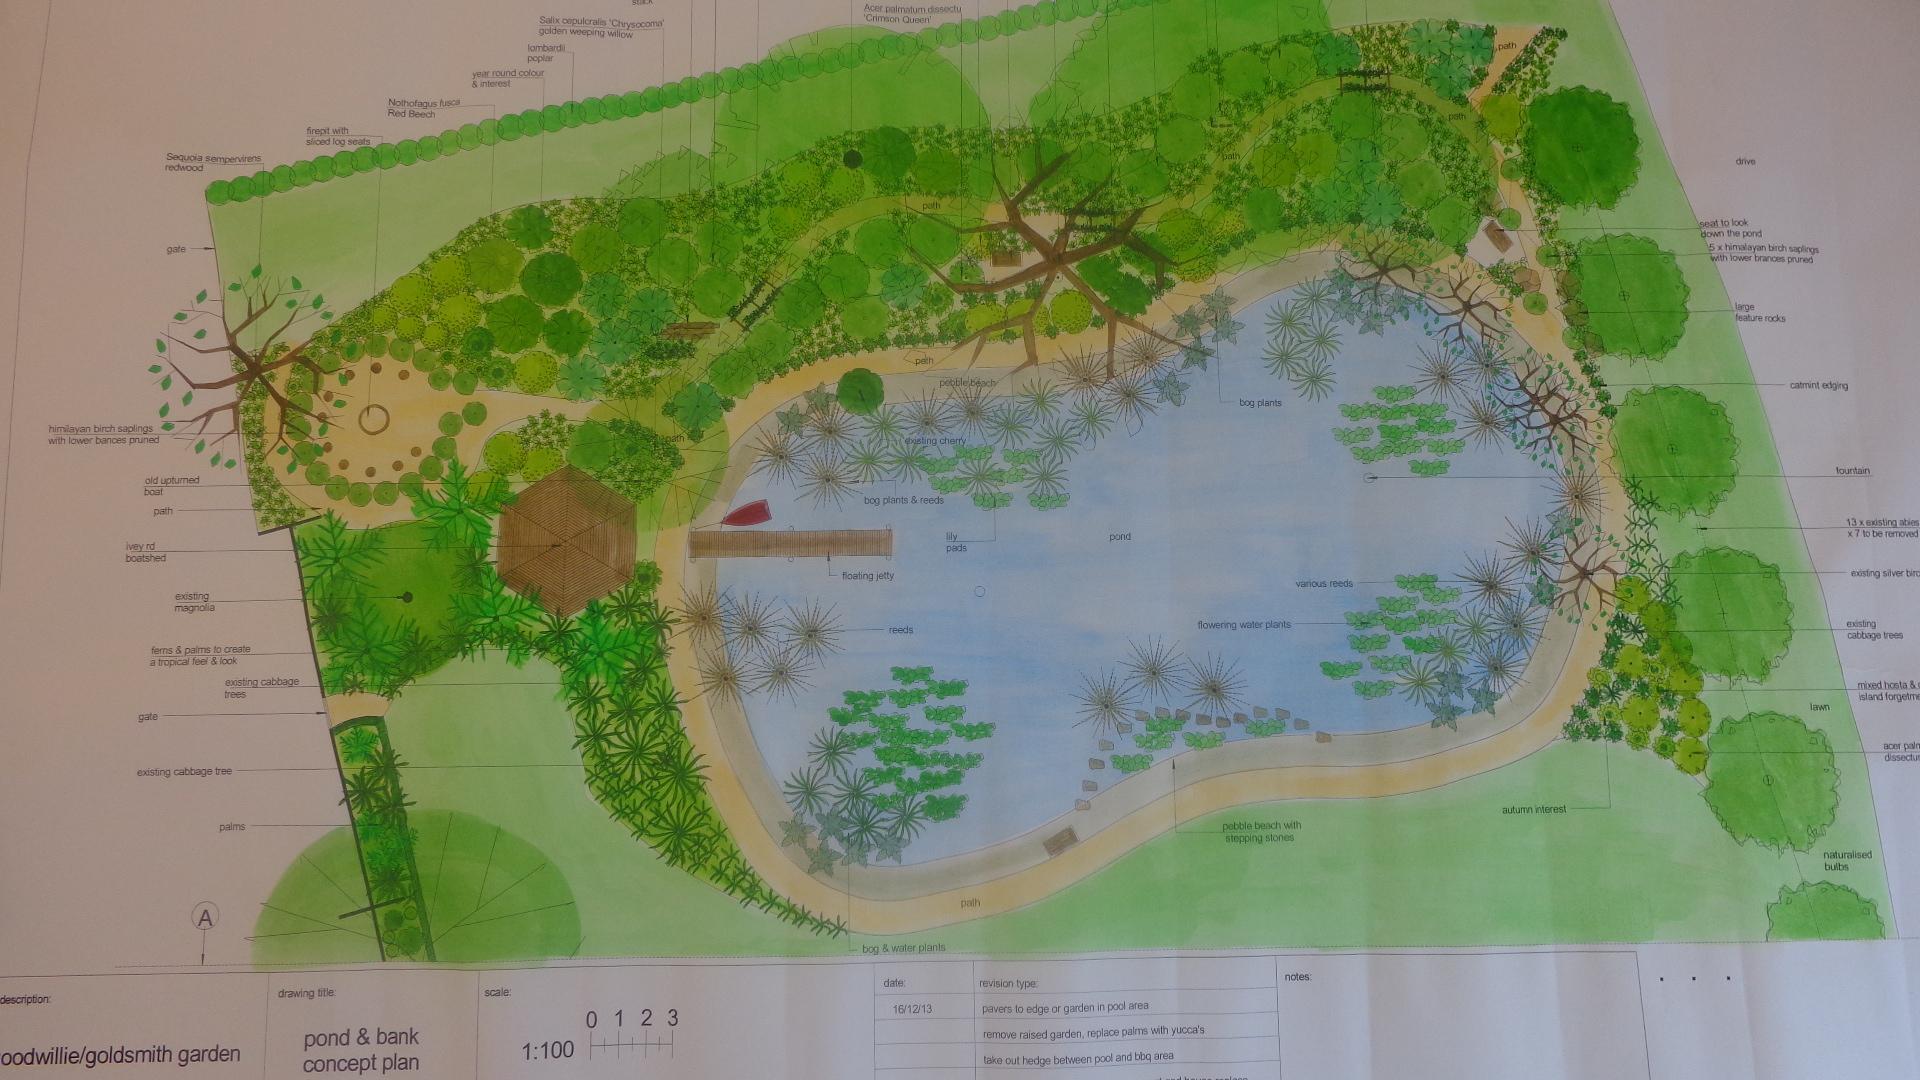 concept plan - large rural garden